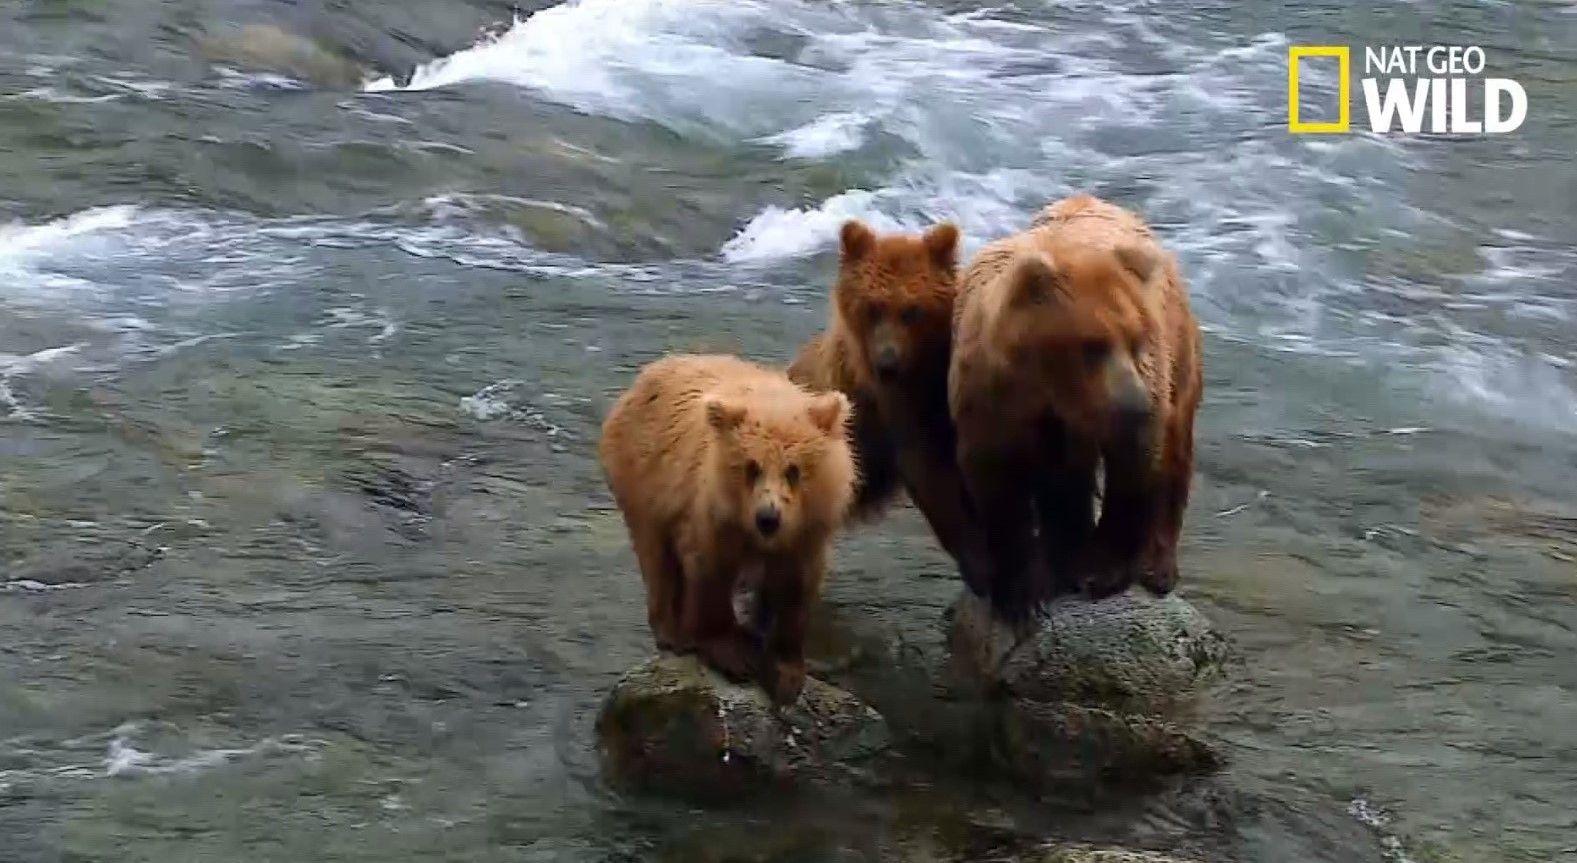 Cette maman ours se lance à l'assaut d'un mâle de 2 fois sa taille | National Geographic